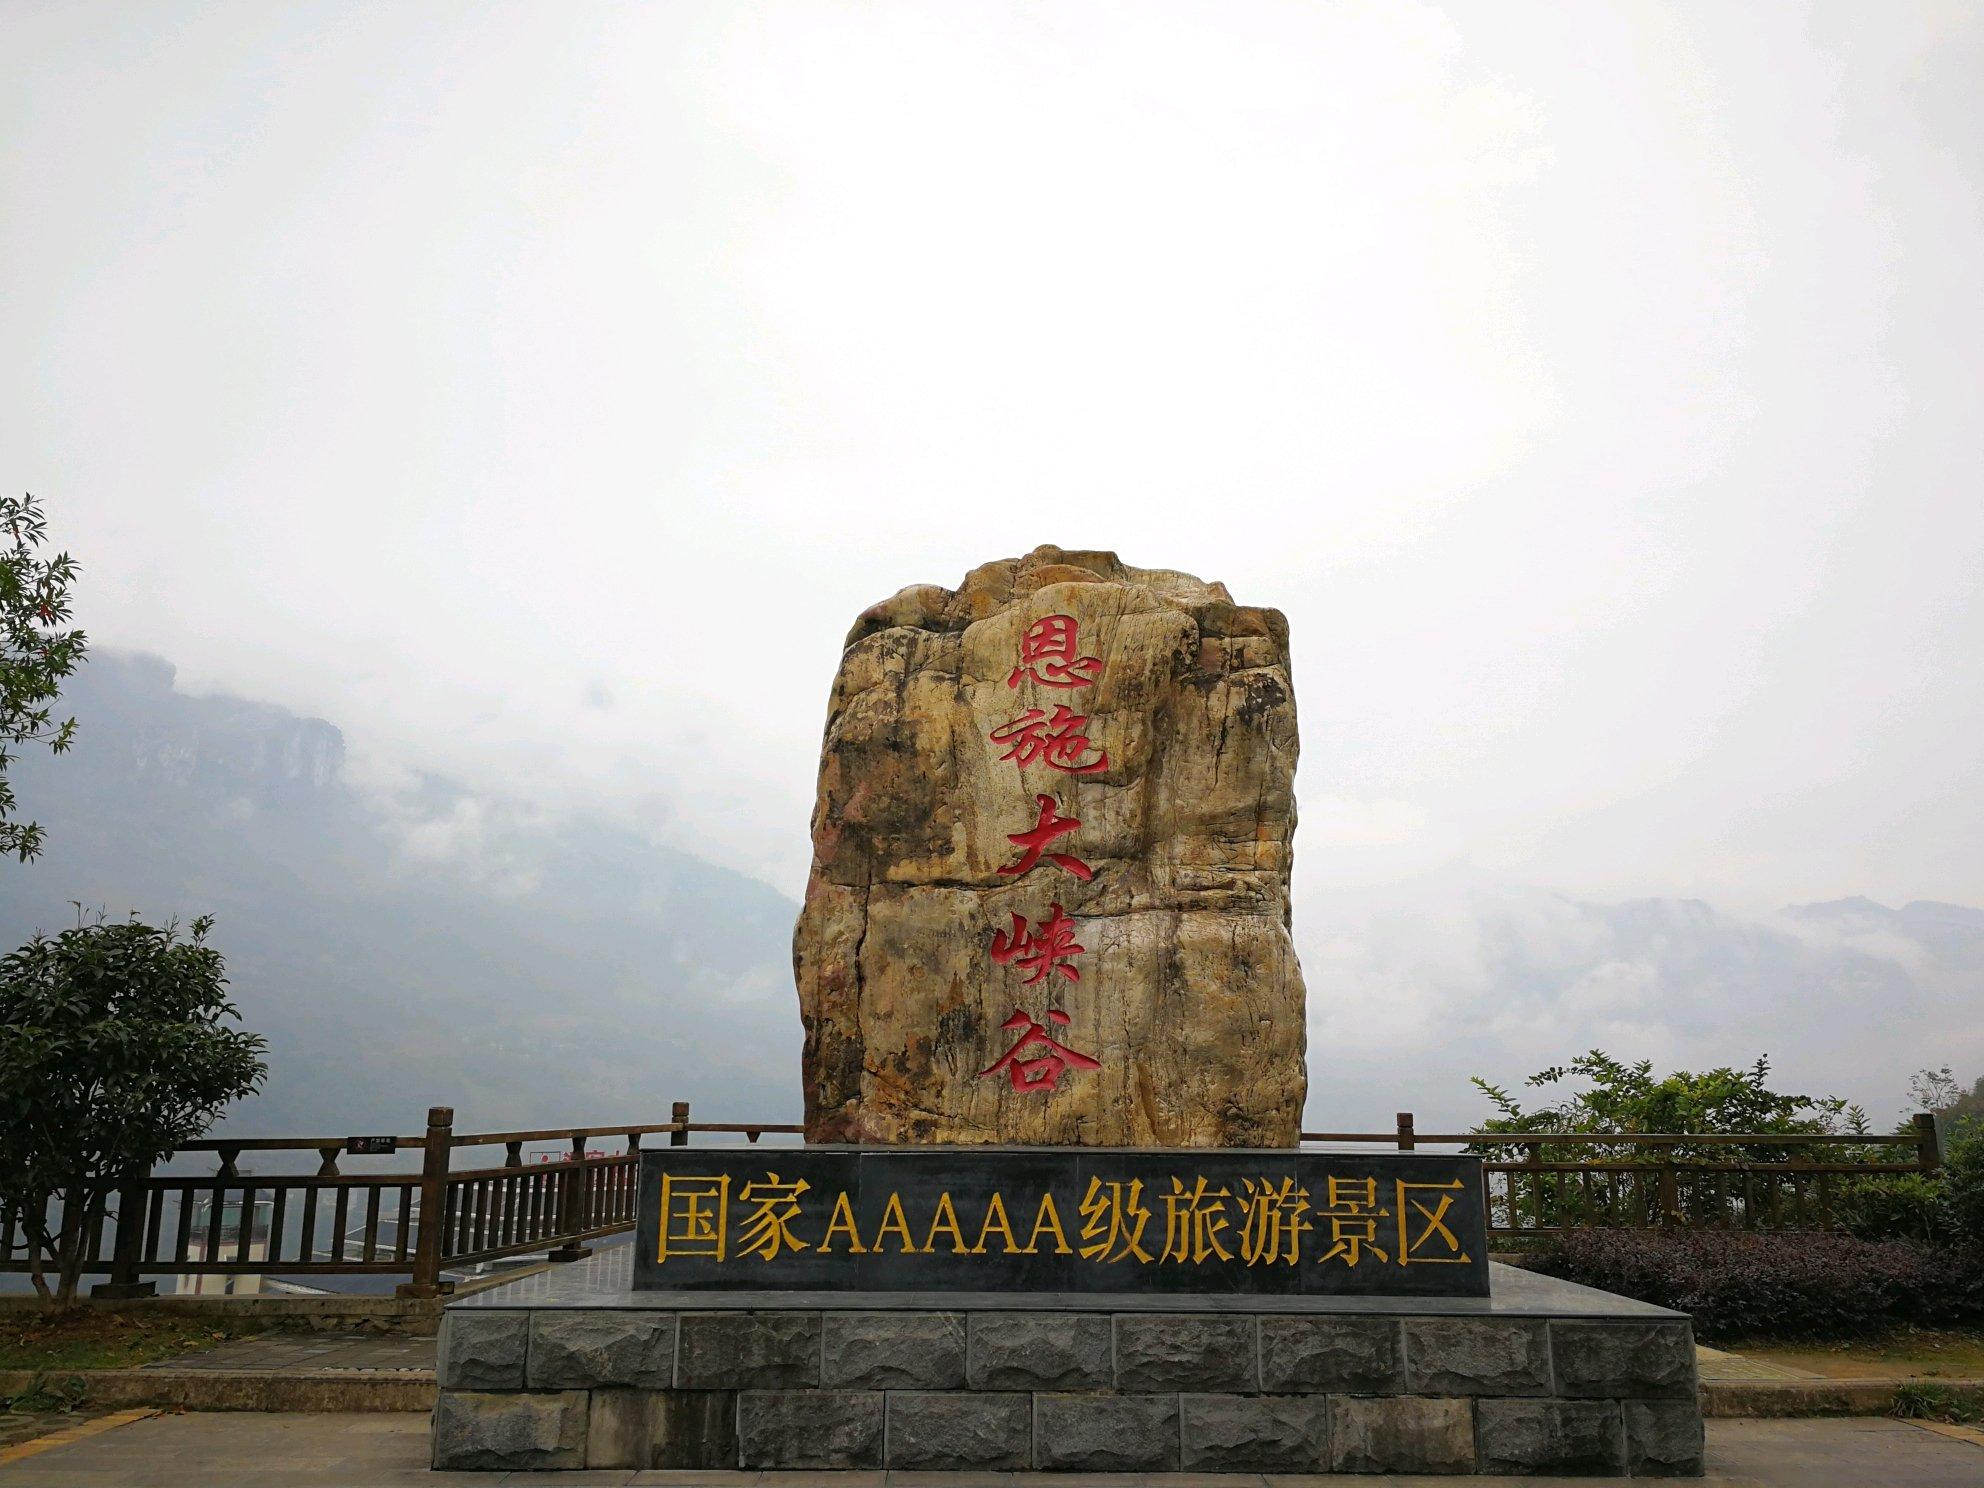 2019迷城河地缝游玩攻略,云龙大峡谷主要景点东京恩施全攻略